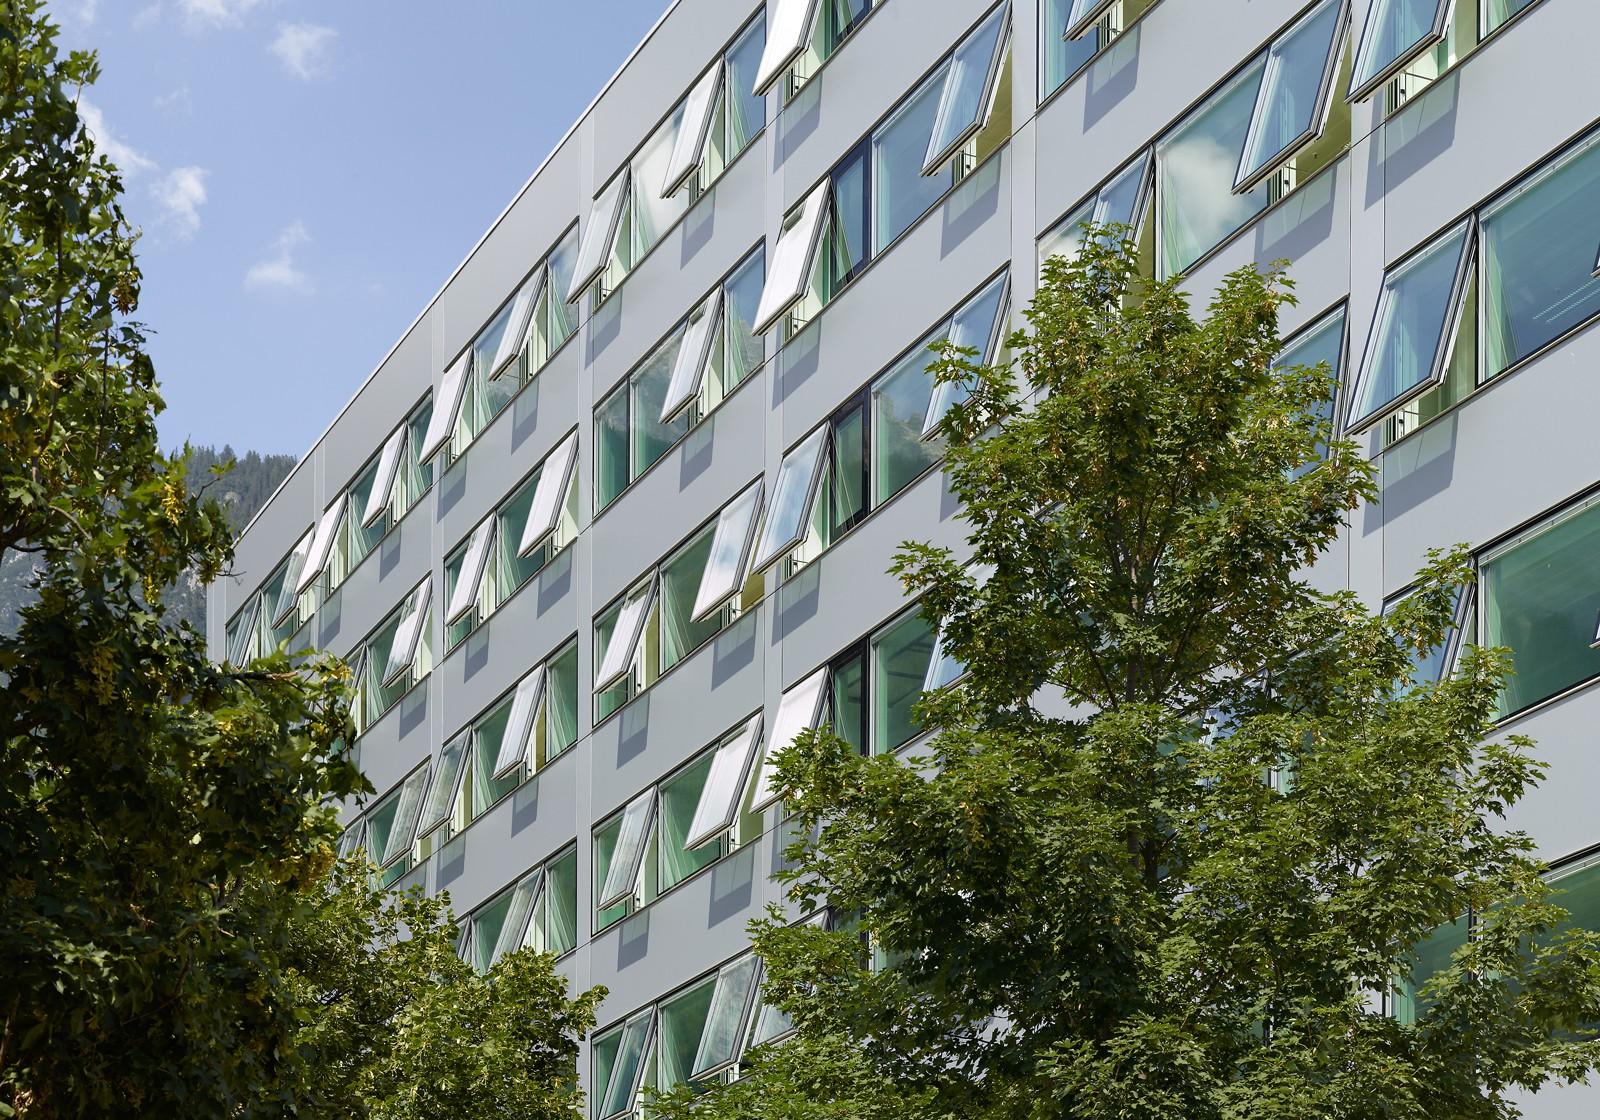 Ökologische Elementfassade mit innovativen Senkklappfenstern. Foto: ATP/Jantscher<br><span class='image_copyright'>ATP/Jantscher</span><br>